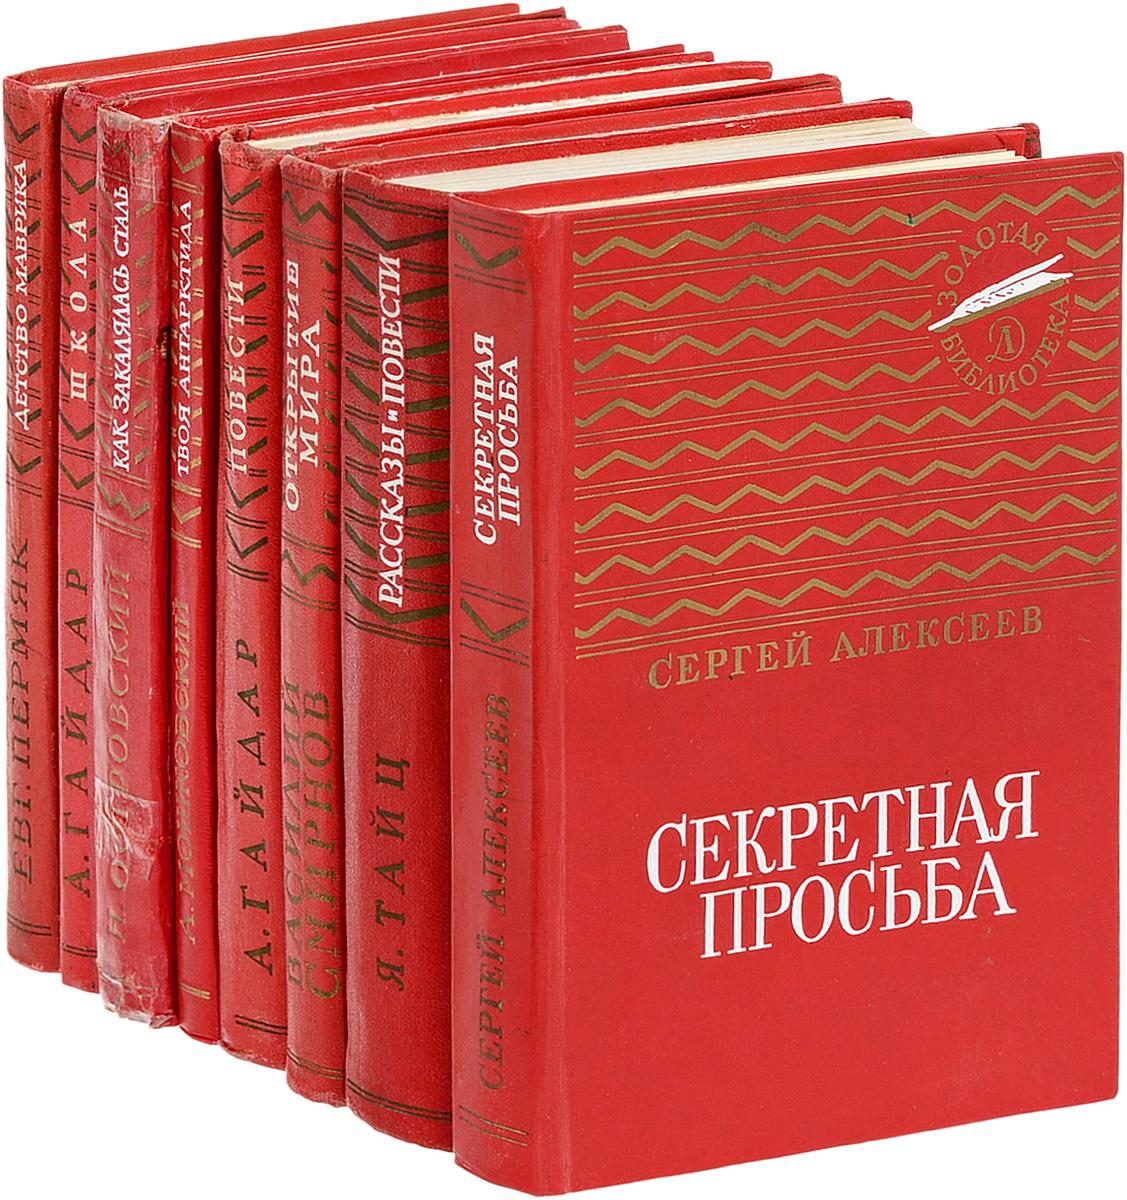 Серия Золотая библиотека (комплект из 8 книг) серия библиотека русского фольклора комплект из 7 книг